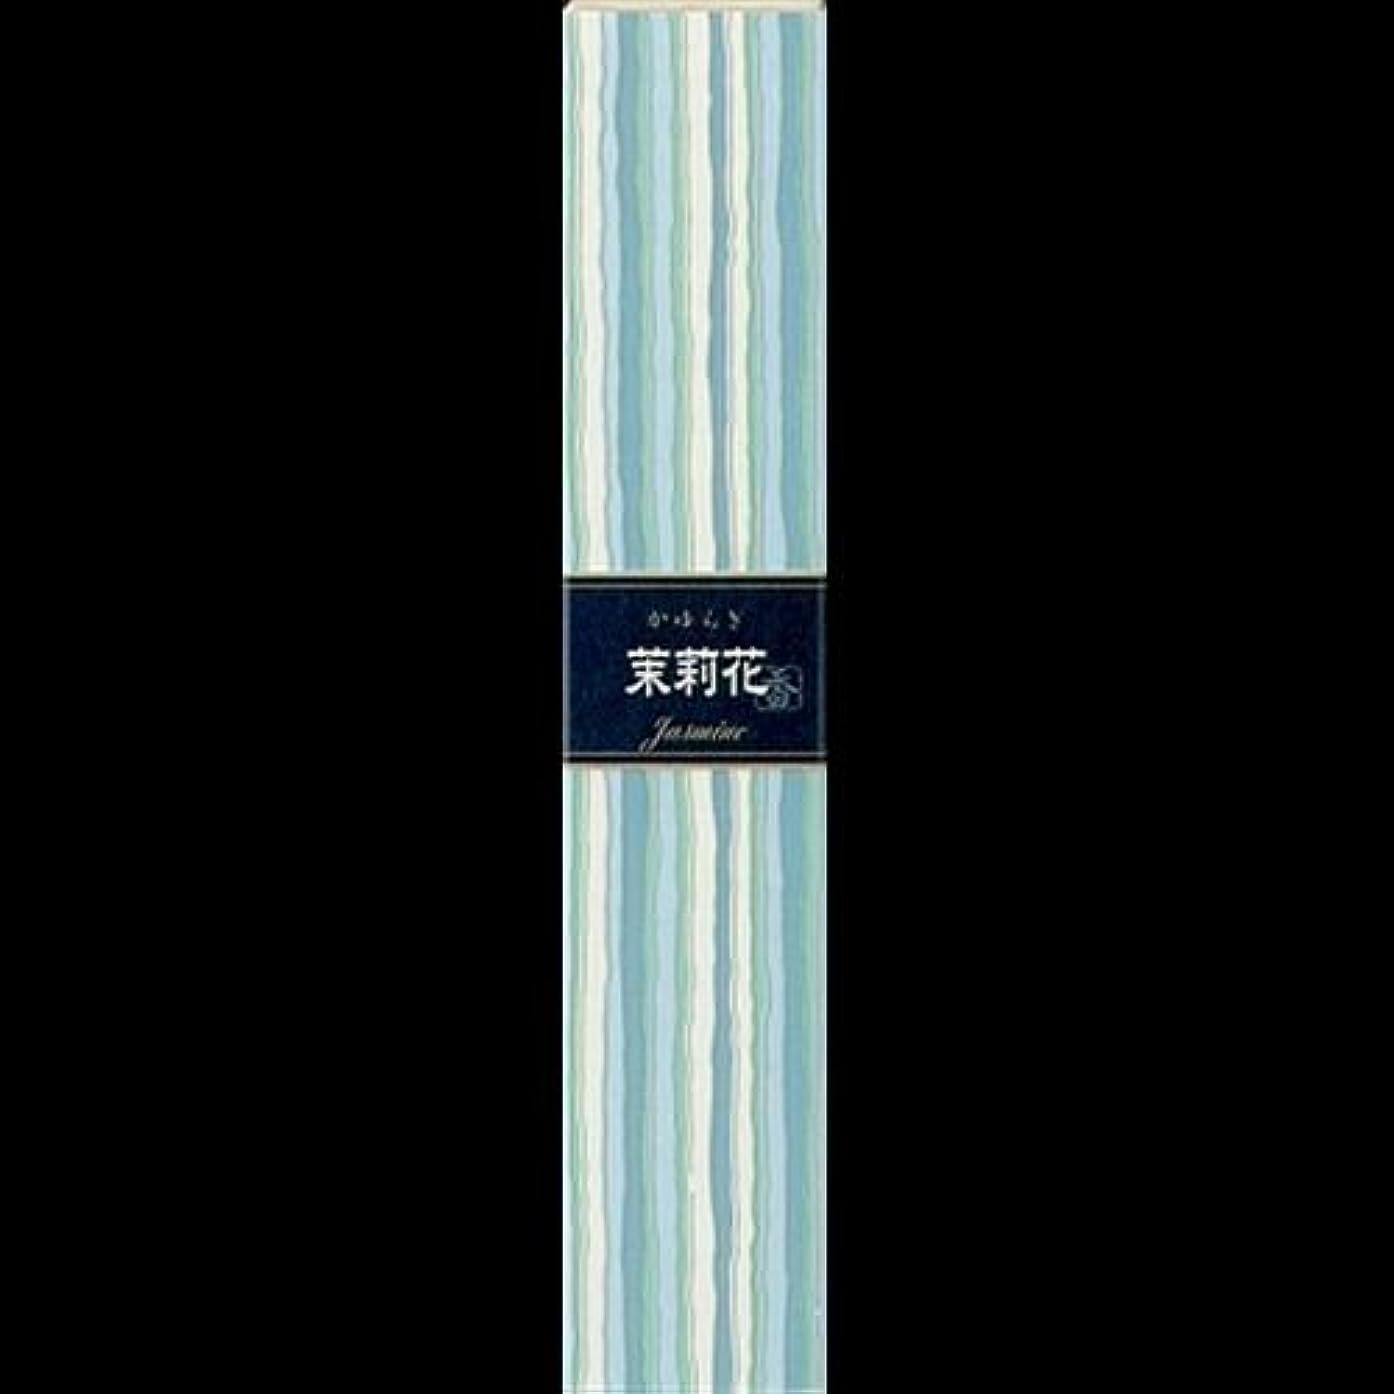 熟練した毎回シーフード【まとめ買い】かゆらぎ 茉莉花(まつりか) ×2セット